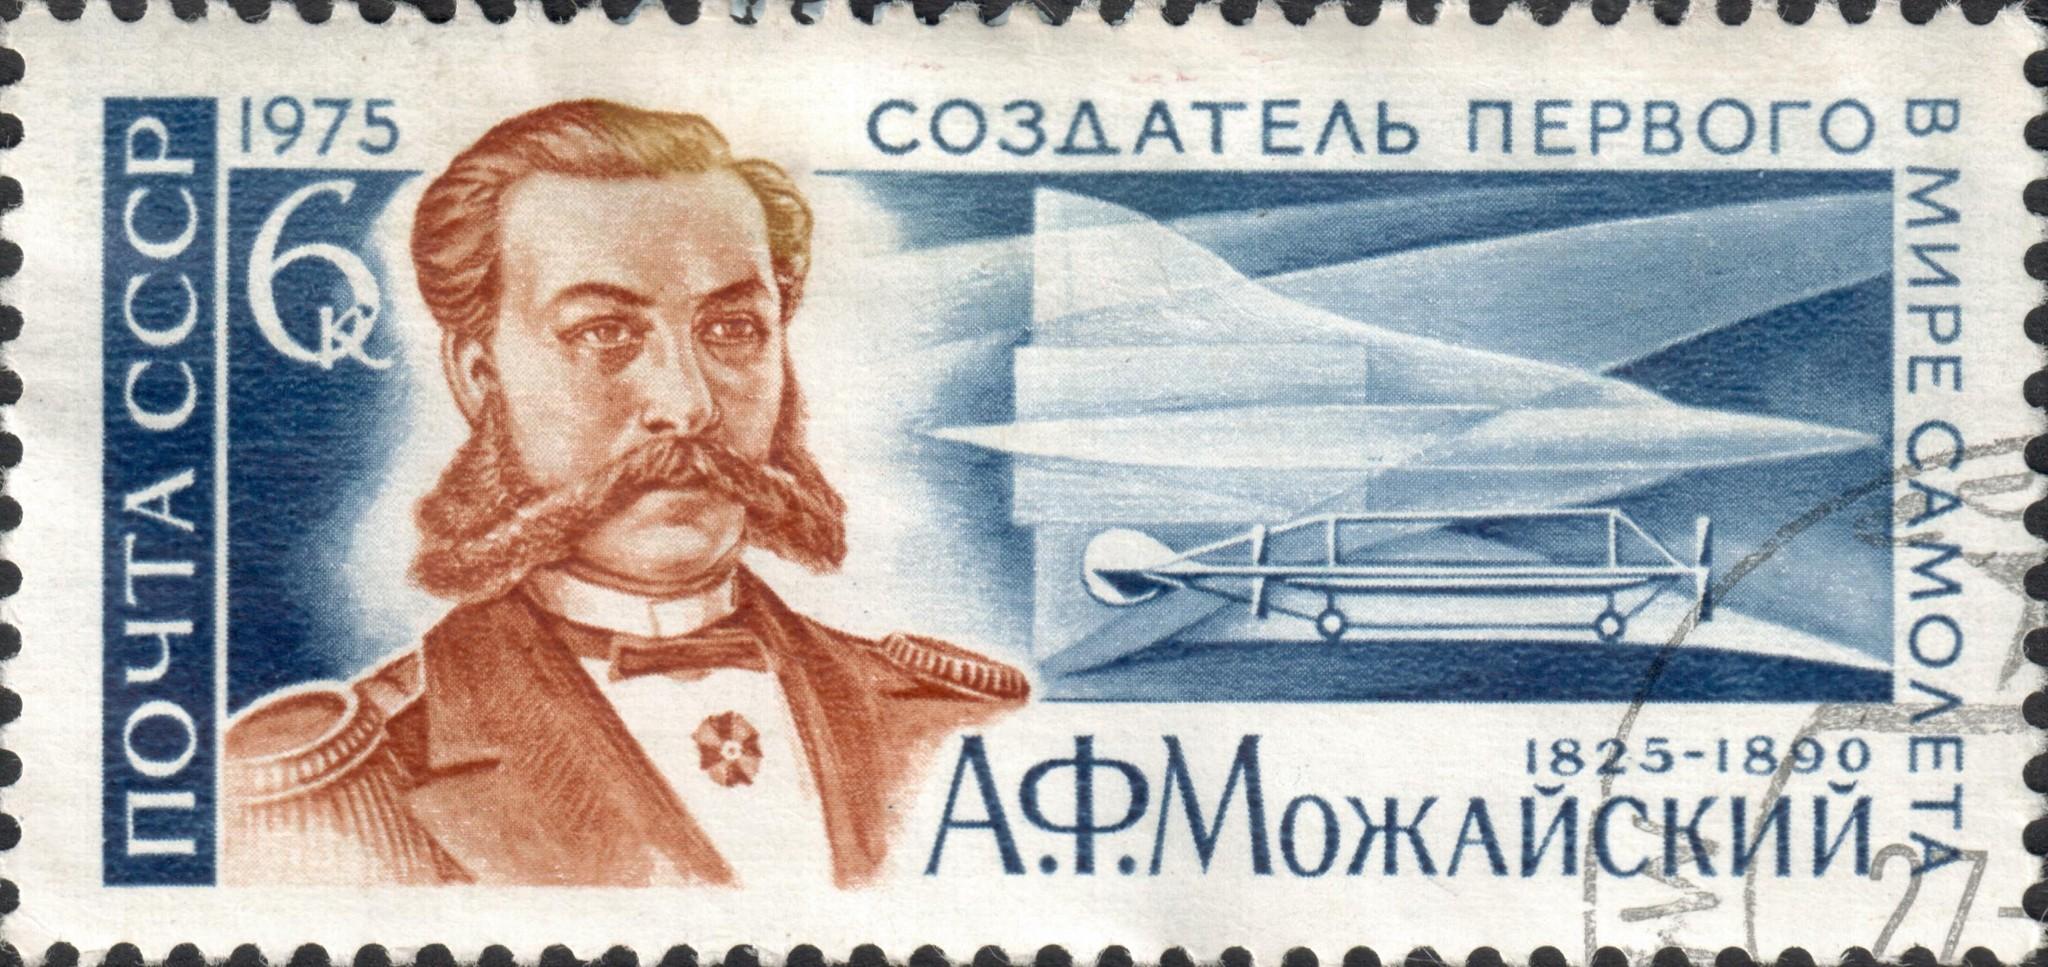 Контр-адмирал Александр Фёдорович Можайский